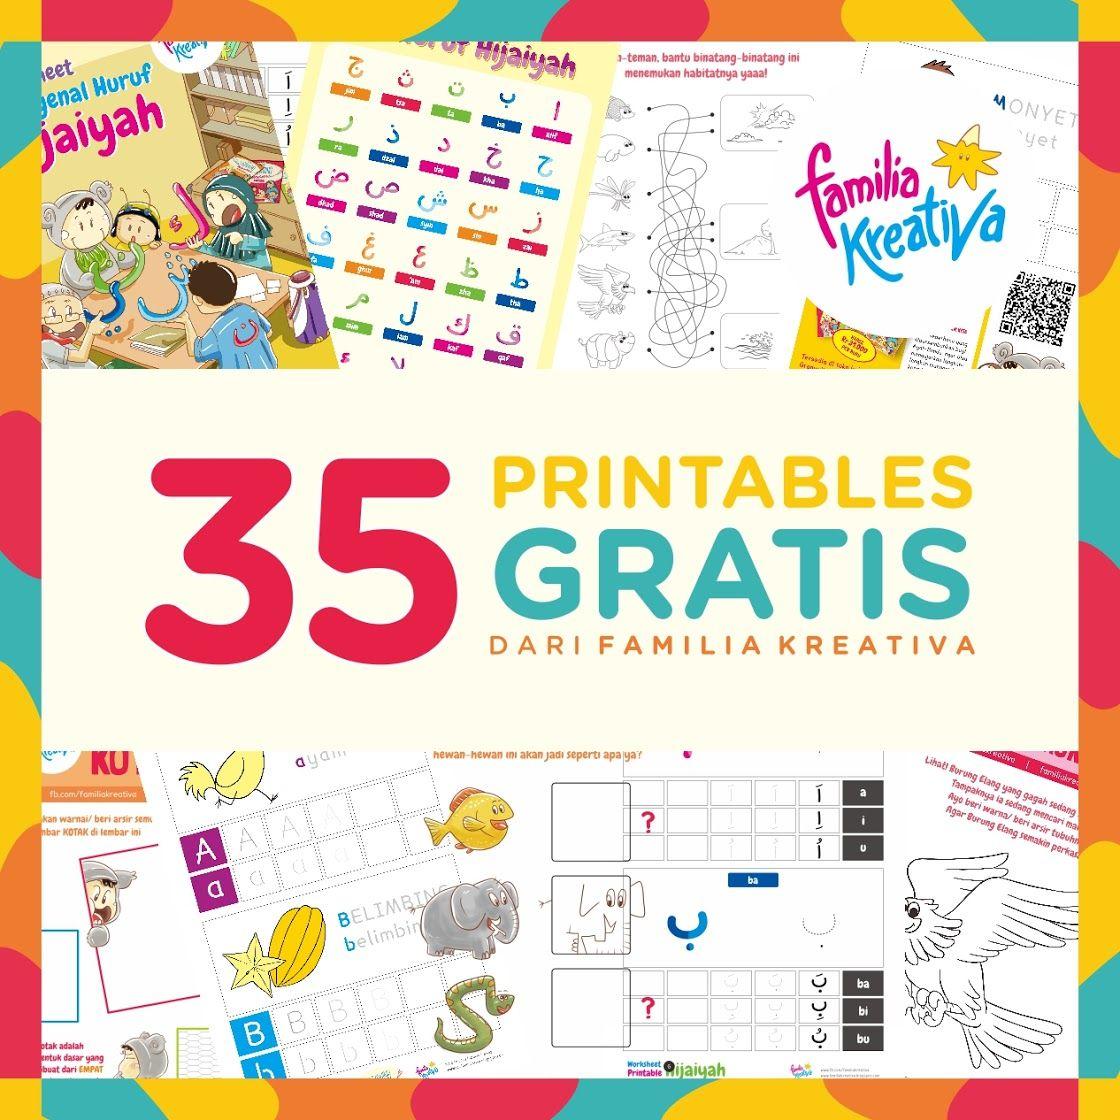 35 Printables Gratis Dari Familia Kreativa Di